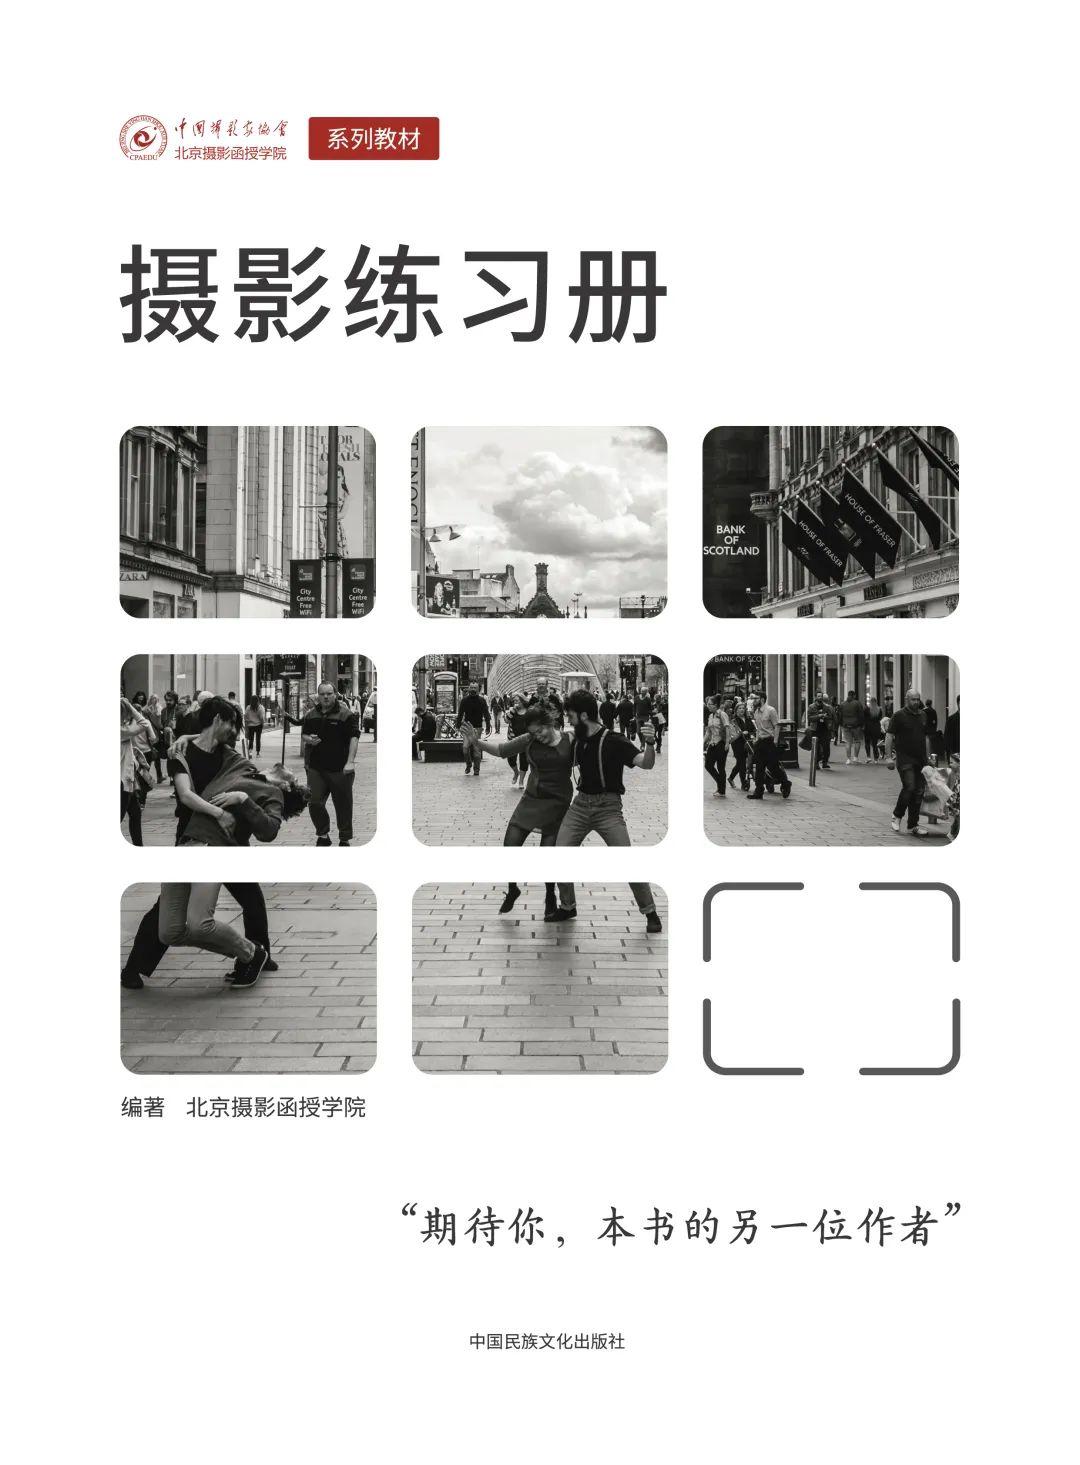 《摄影练习册》单科学习班招生简章